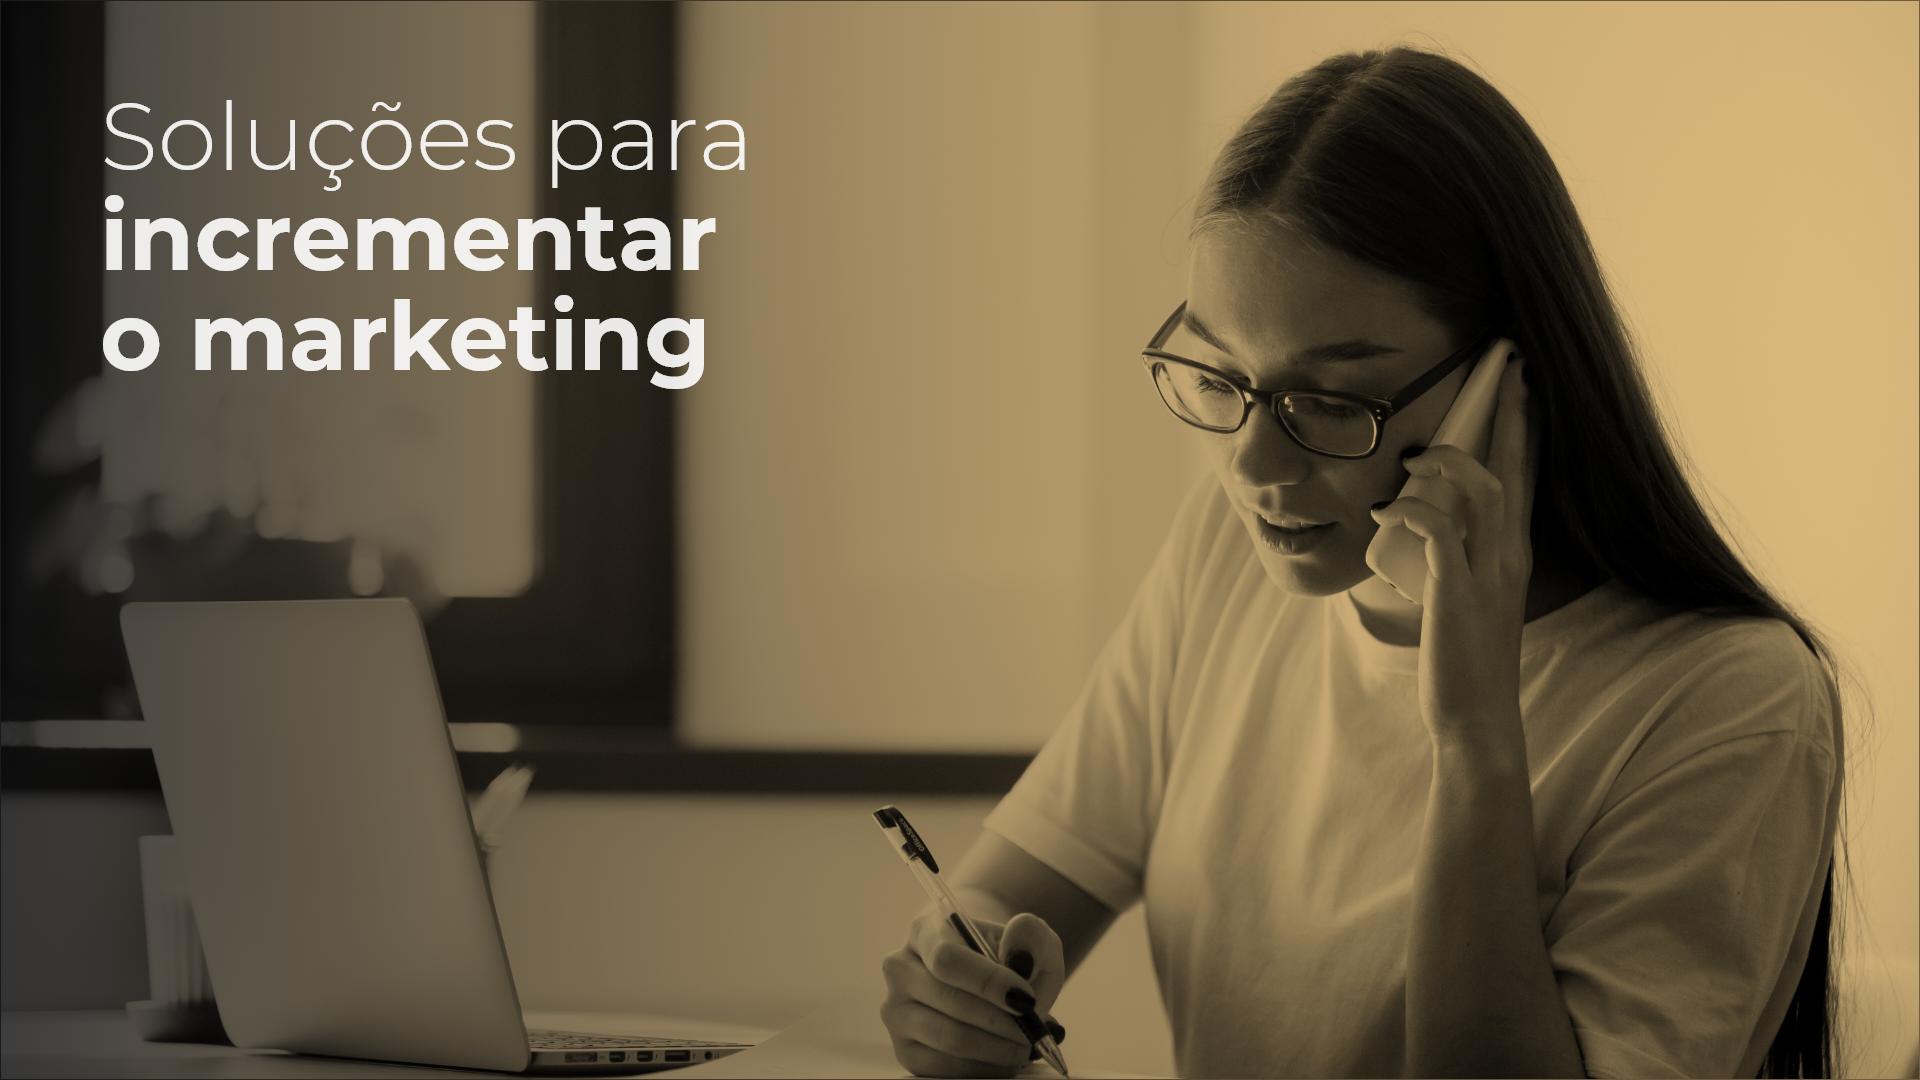 Soluções para incrementar o marketing